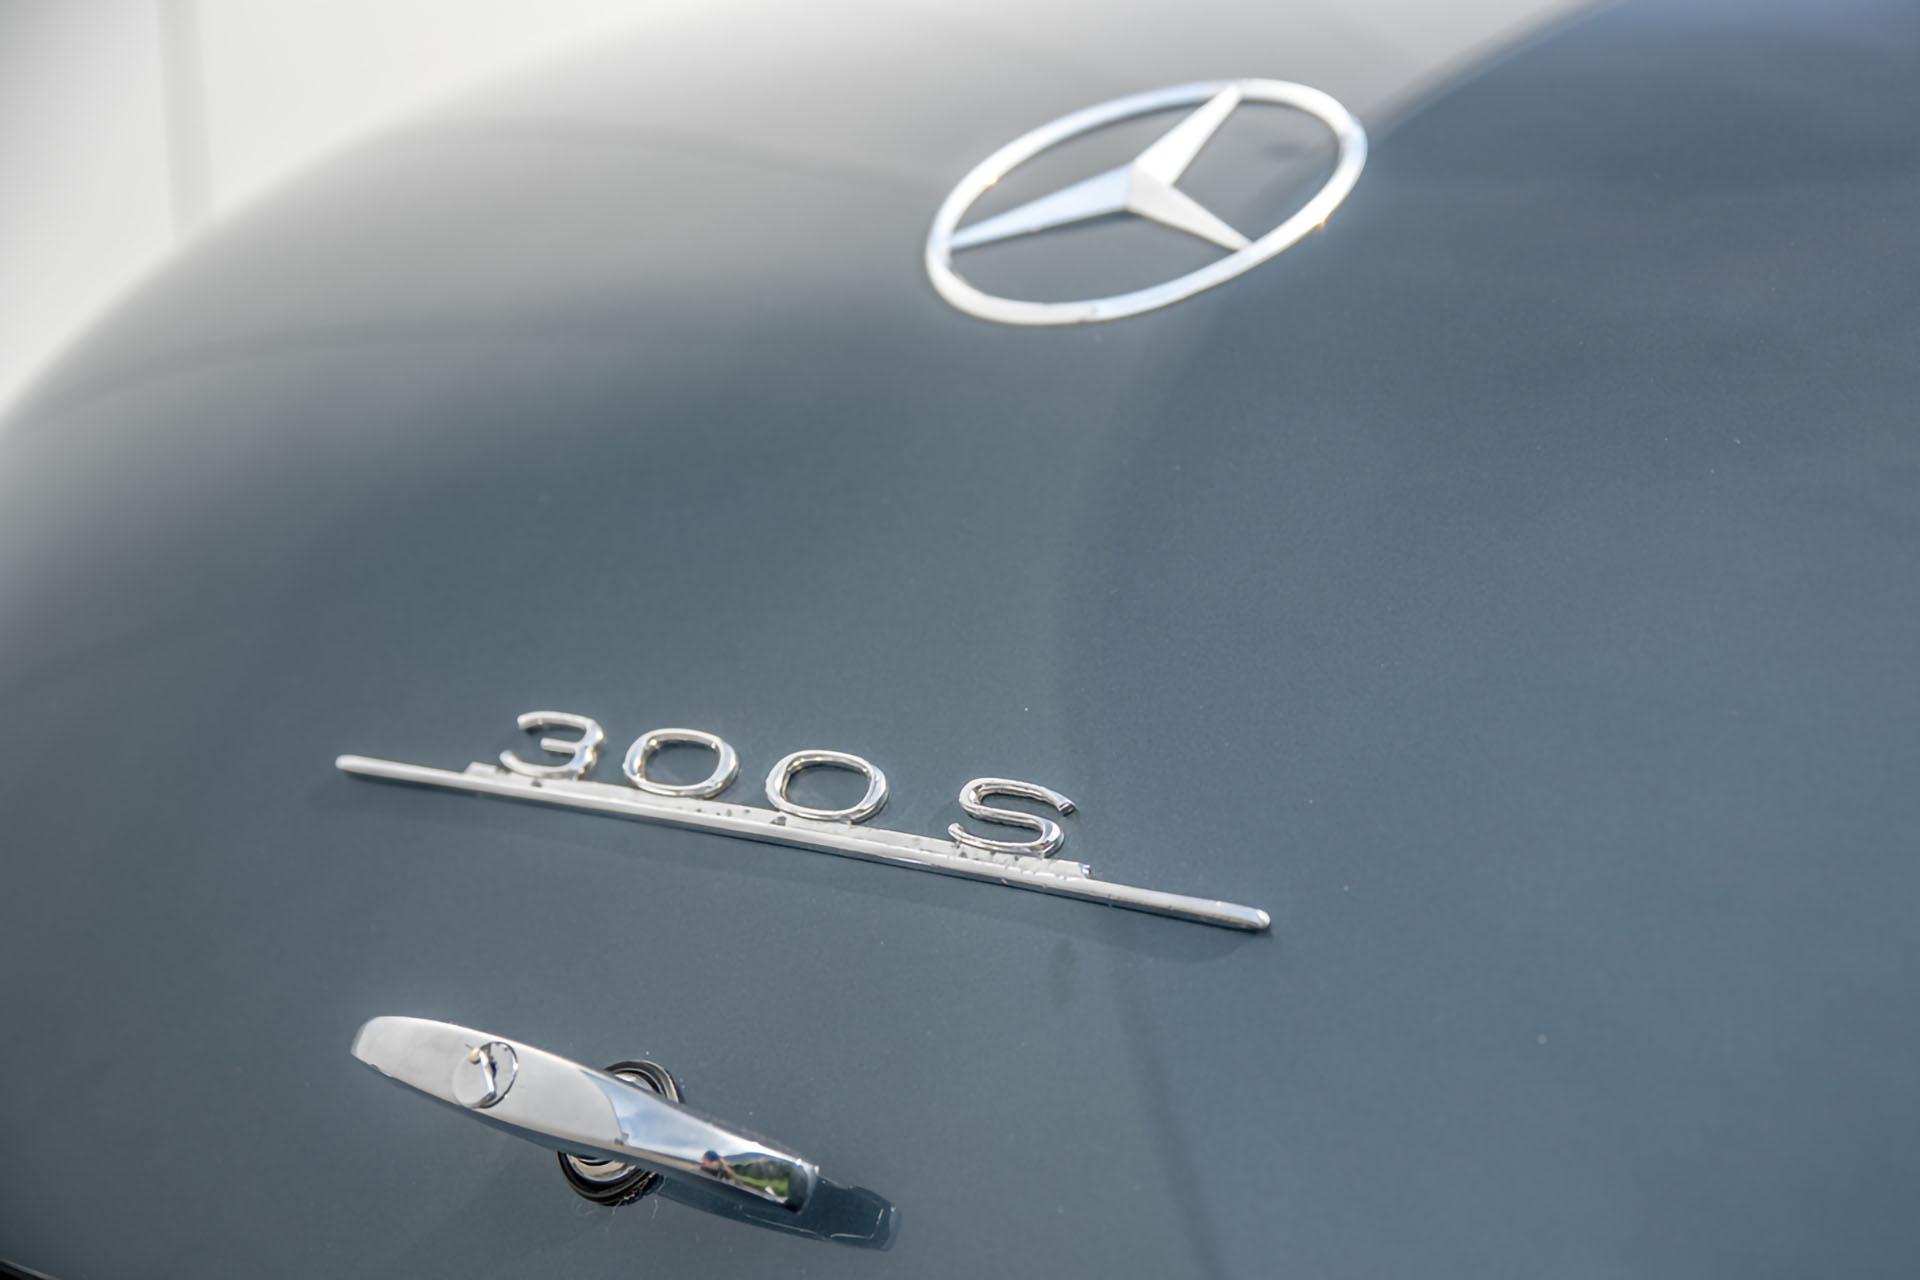 Mercedes 300S Ruote Leggendarie Classic Car Service